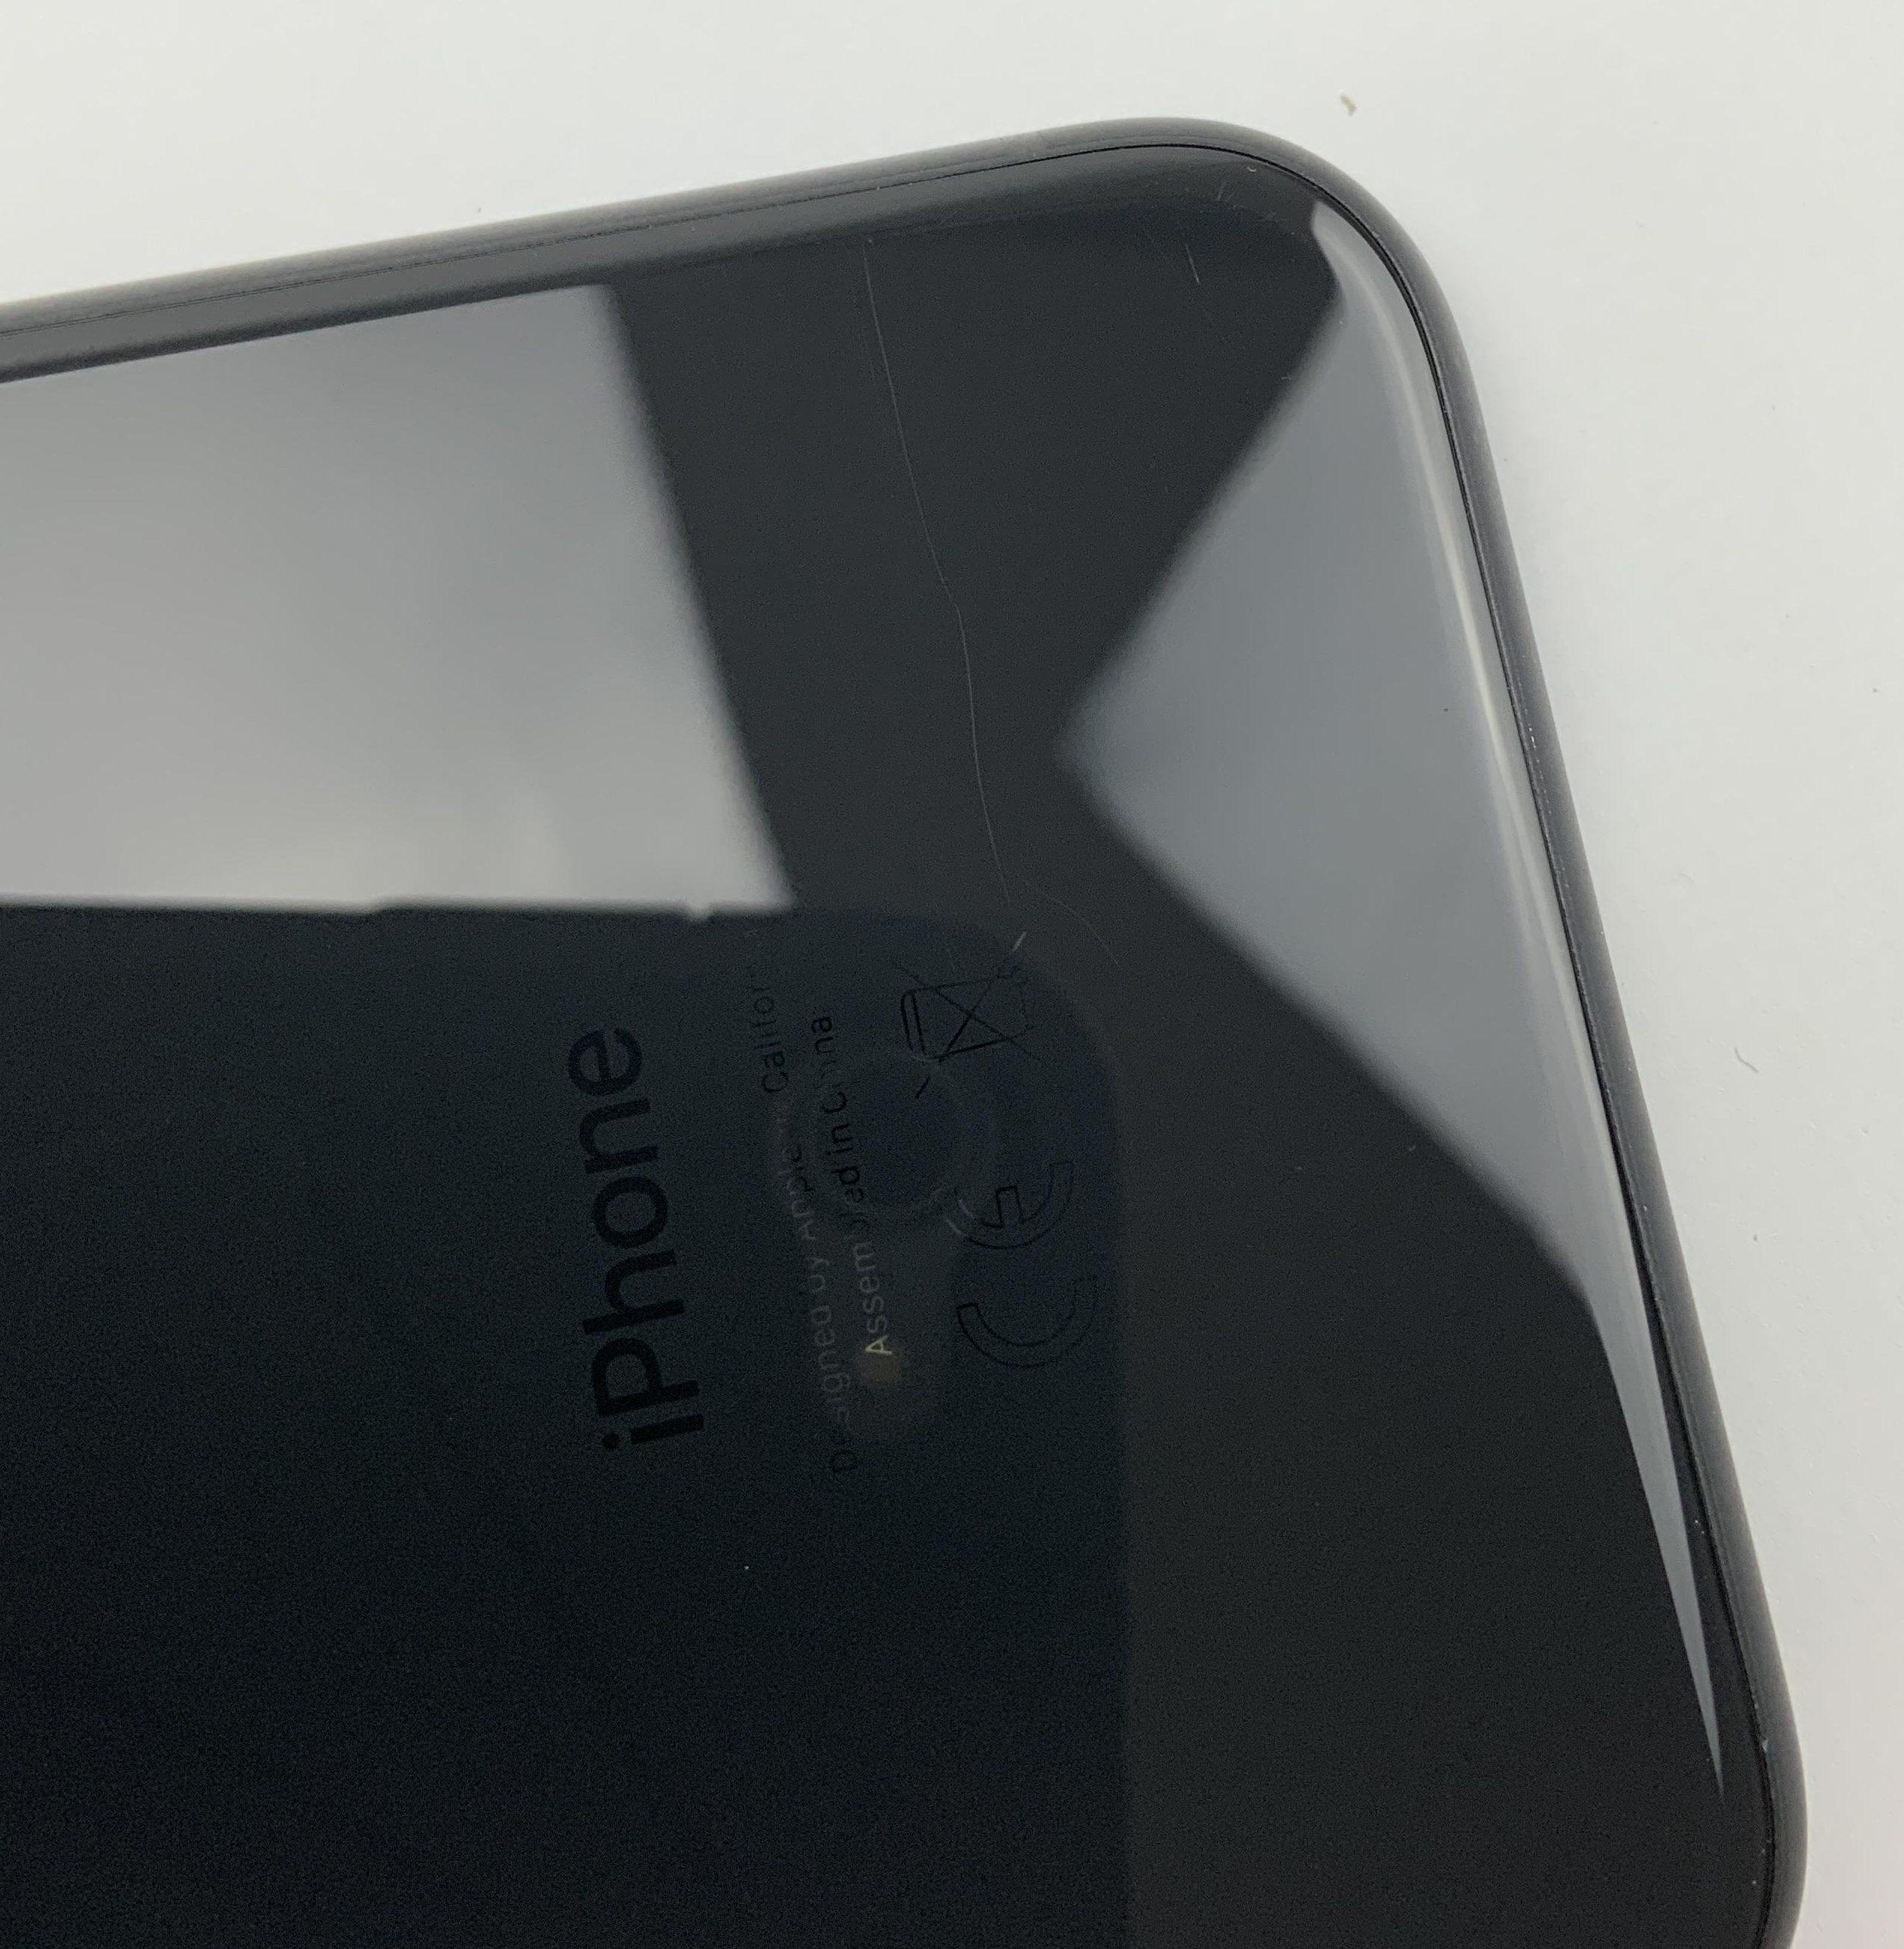 iPhone XR 256GB, 256GB, Black, bild 5